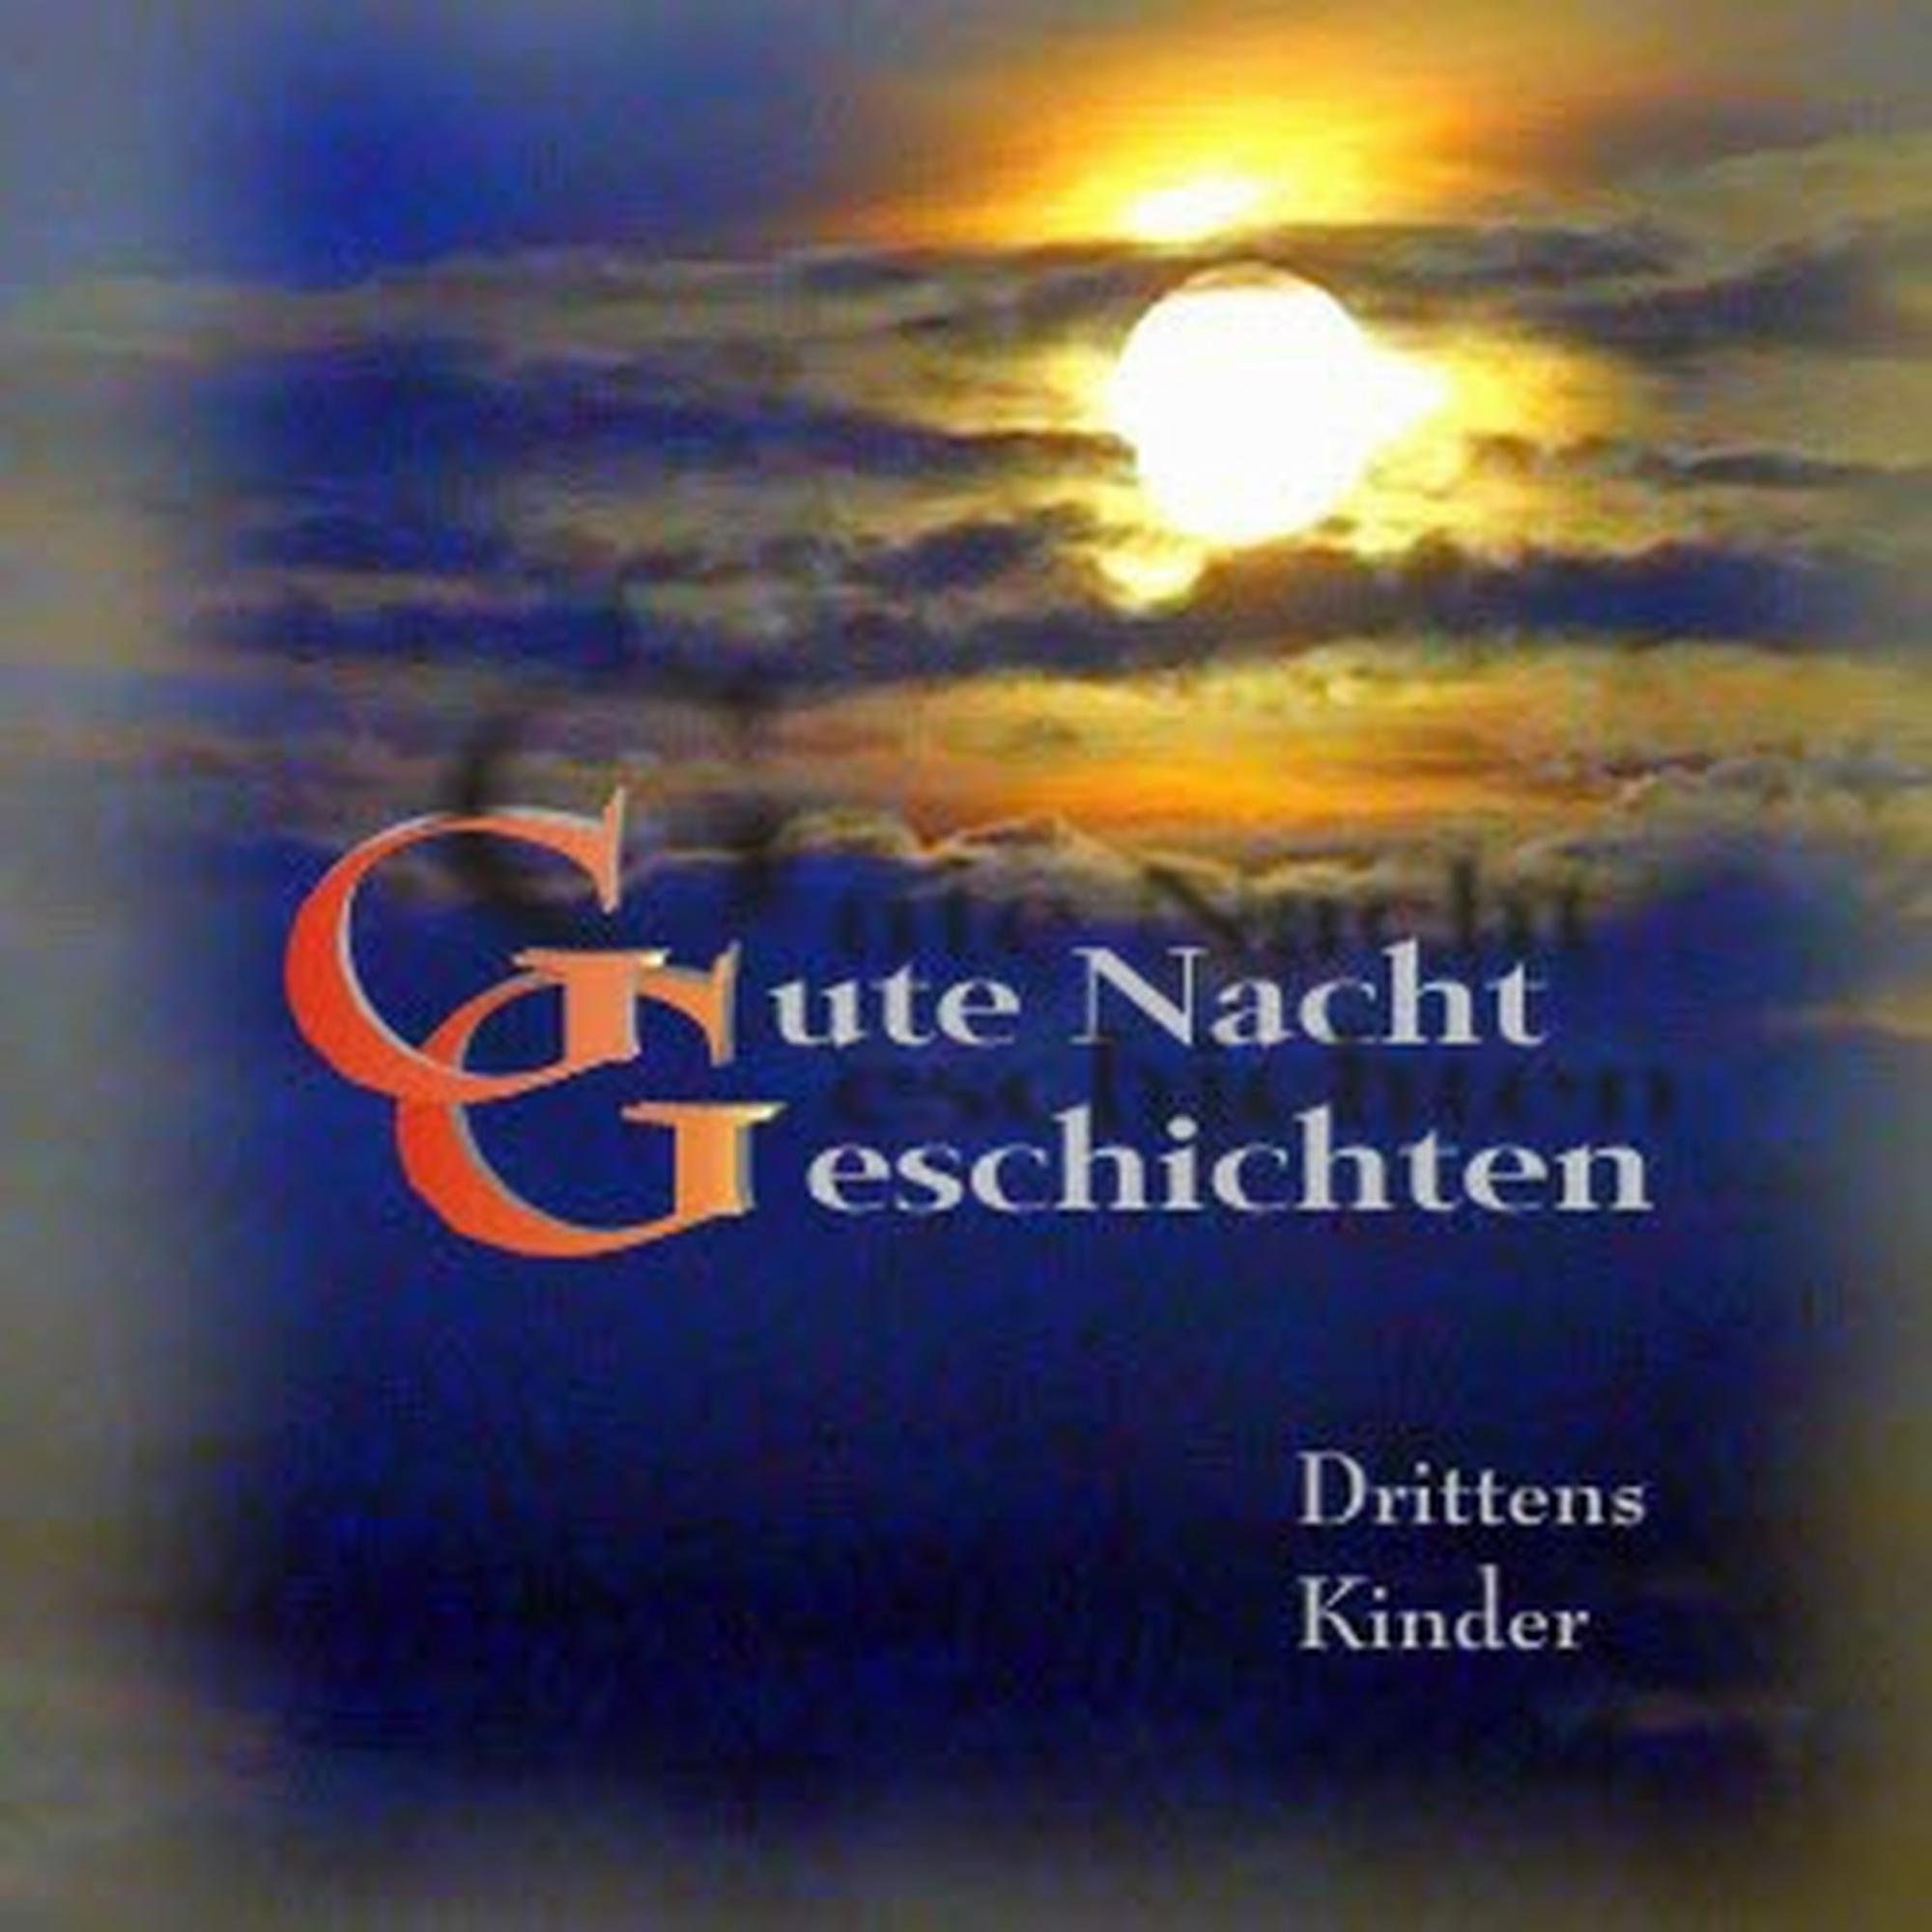 Gute-Nacht-Geschichten-Kinder-3